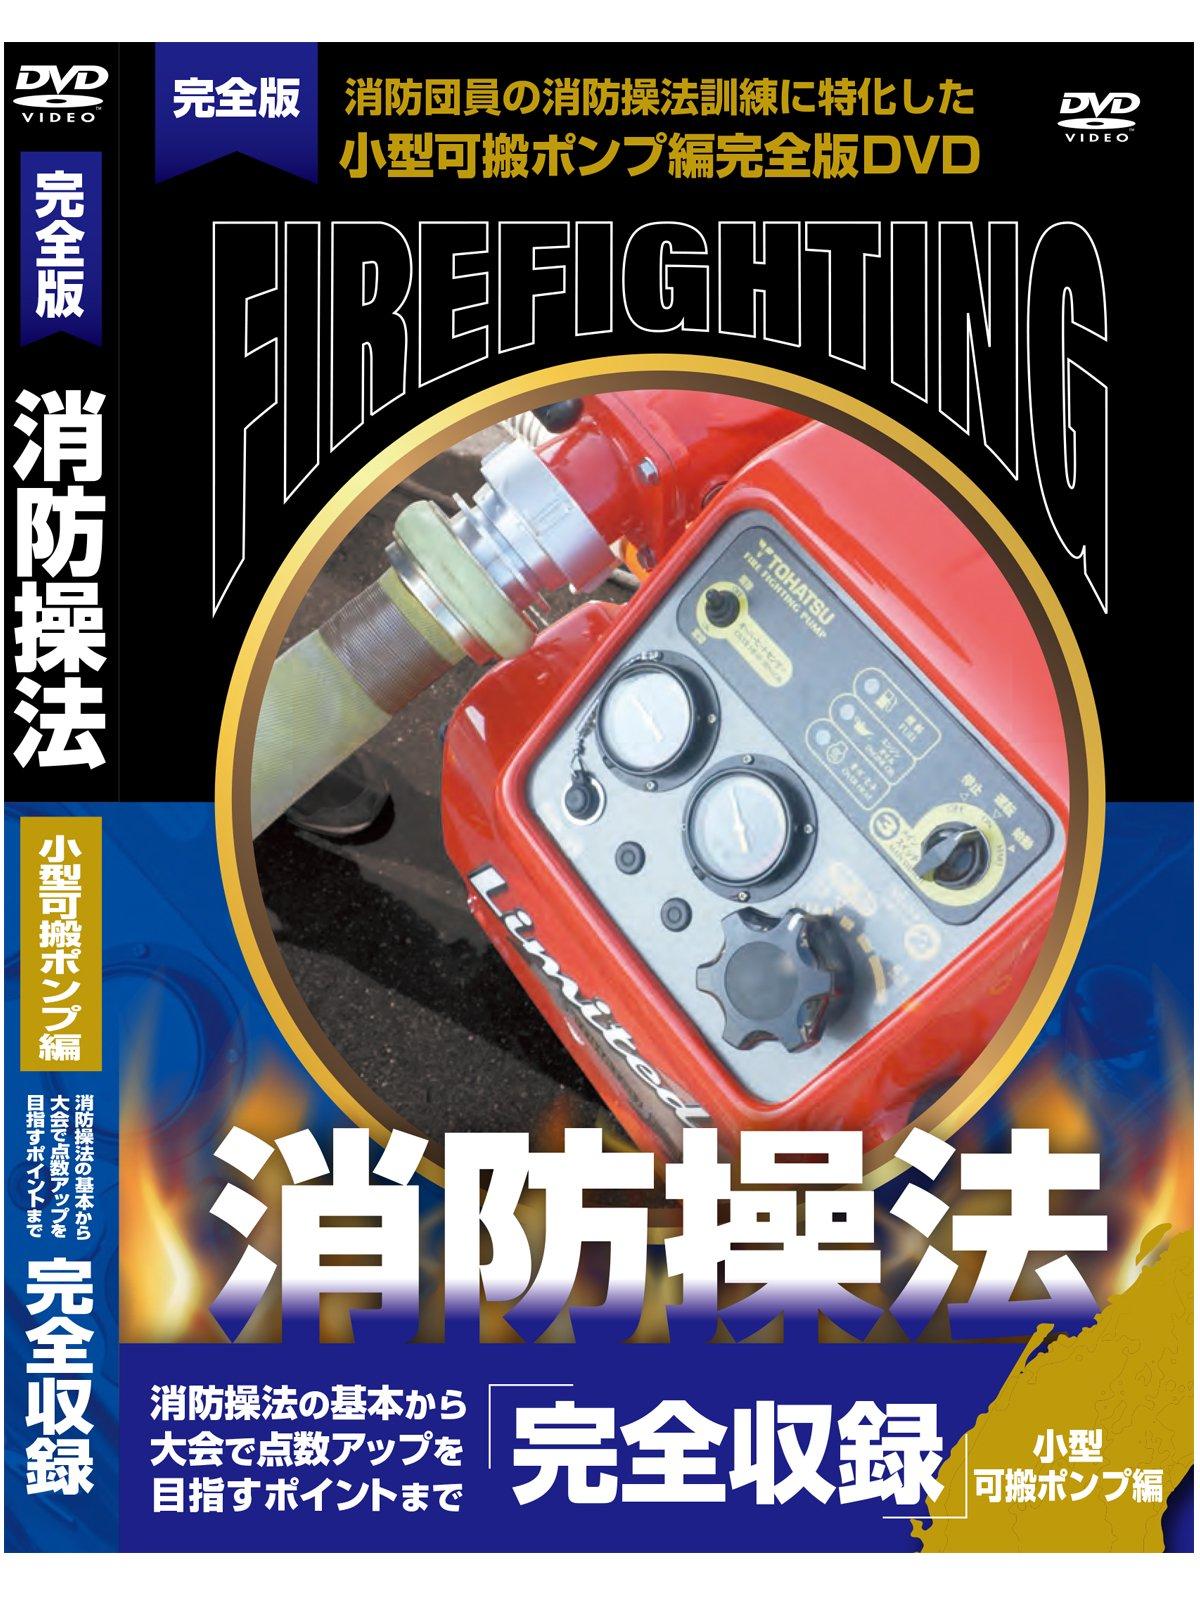 【DVD】完全版 消防操法 小型可搬ポンプ編